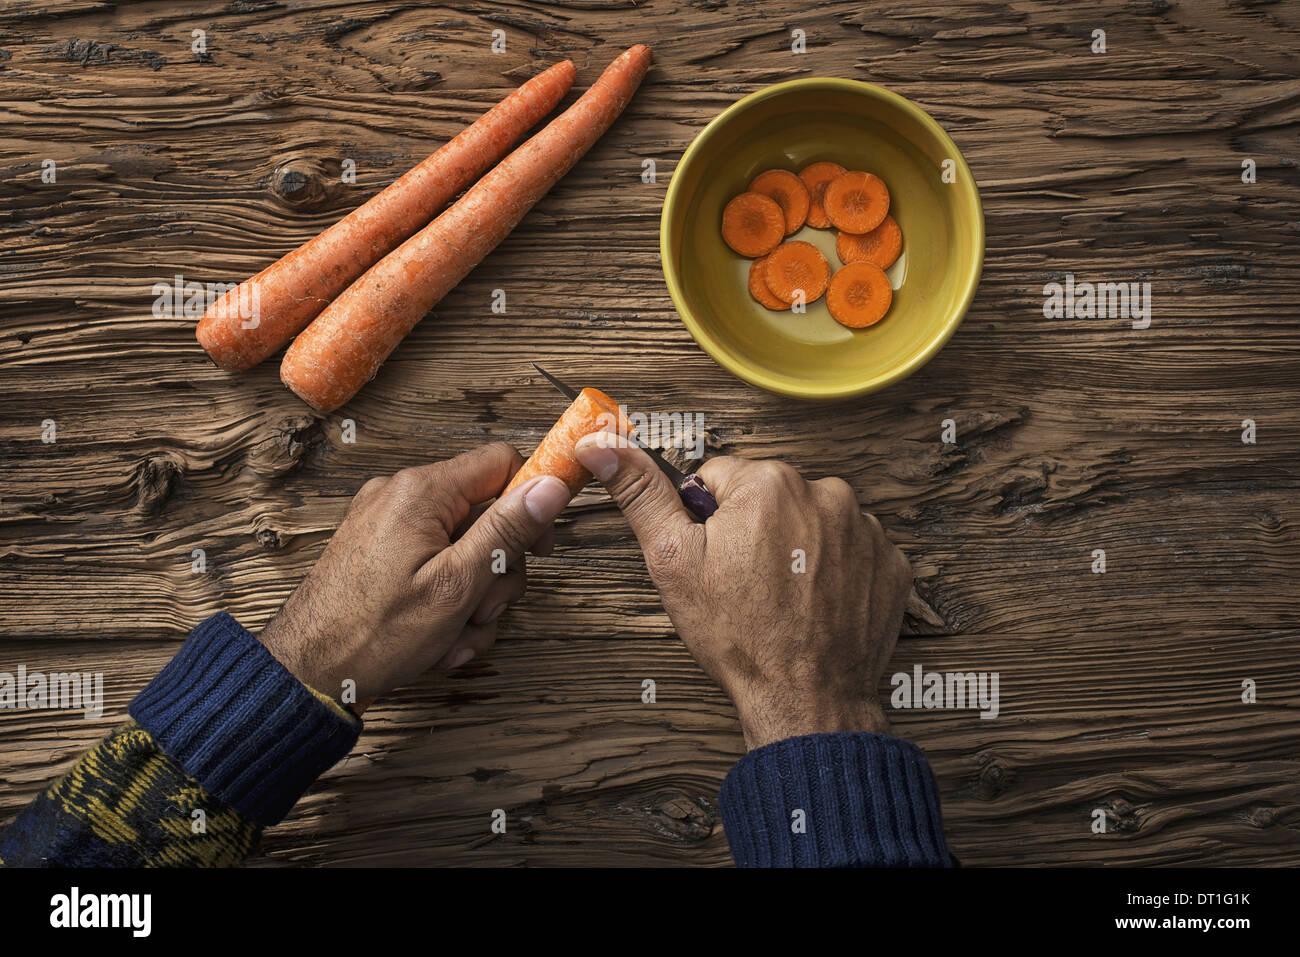 Una persona sosteniendo y cortar en rodajas zanahorias frescas en un recipiente Imagen De Stock